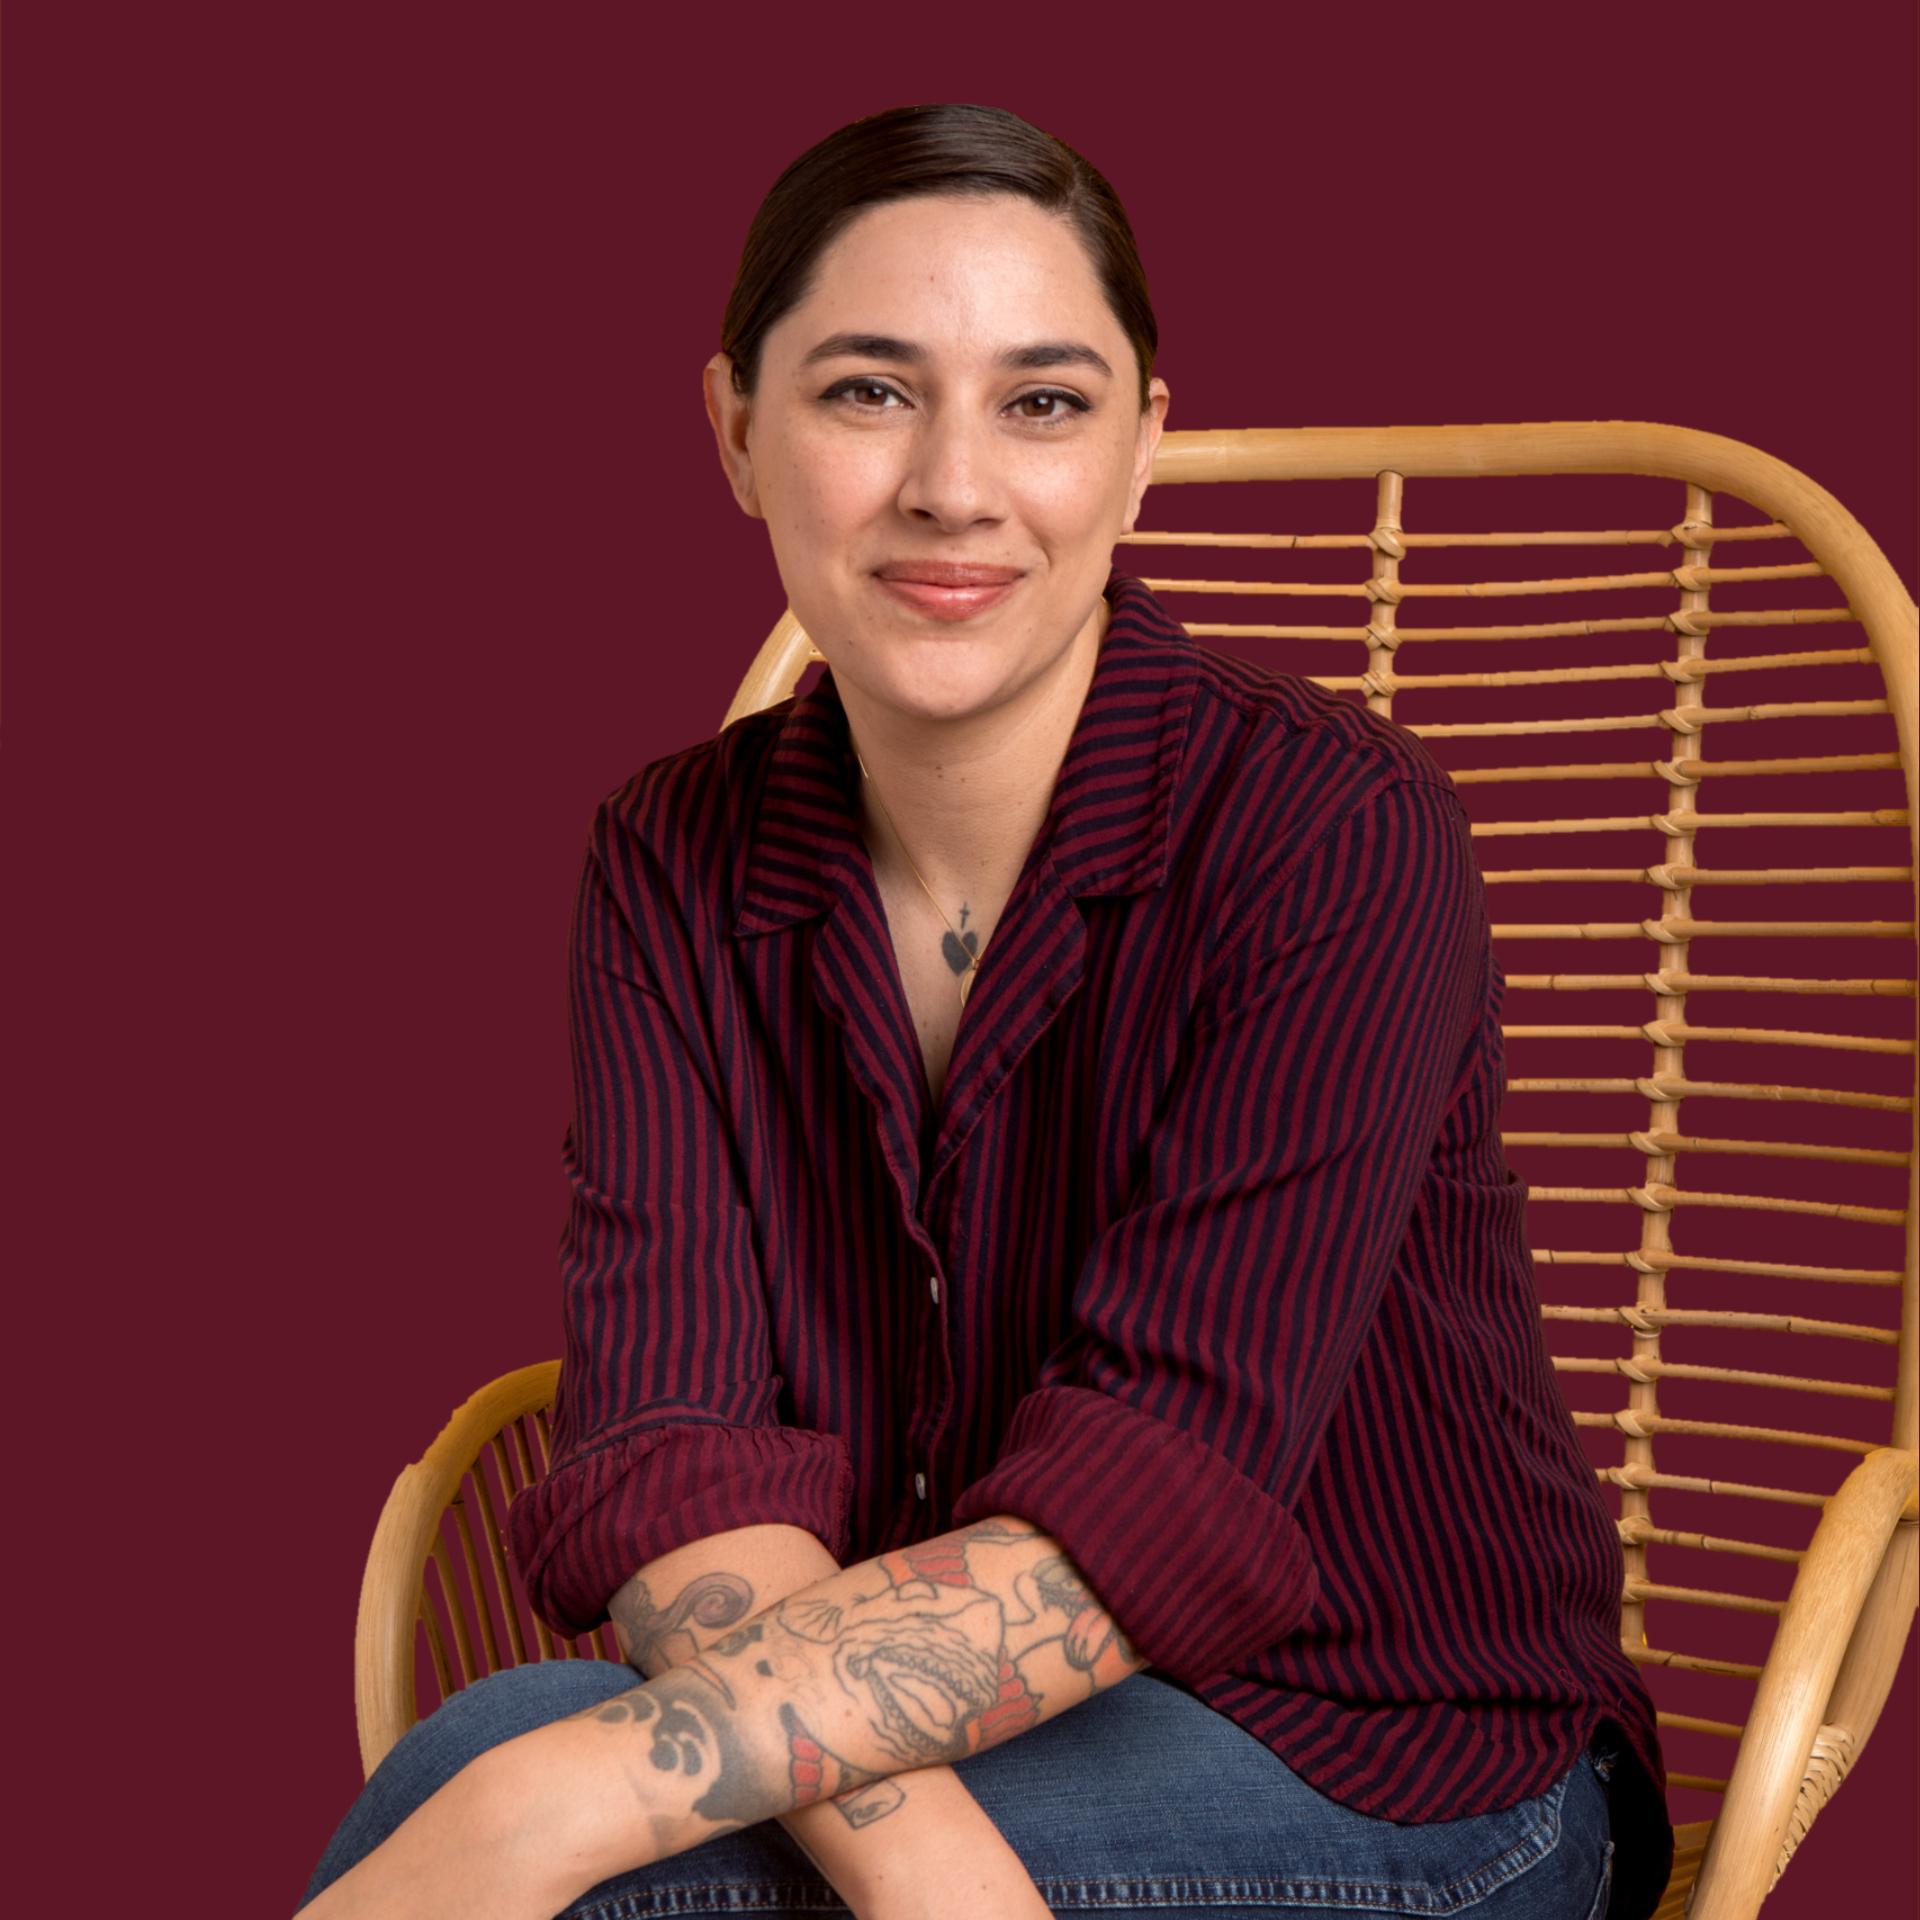 A headshot of Kristal Garcia